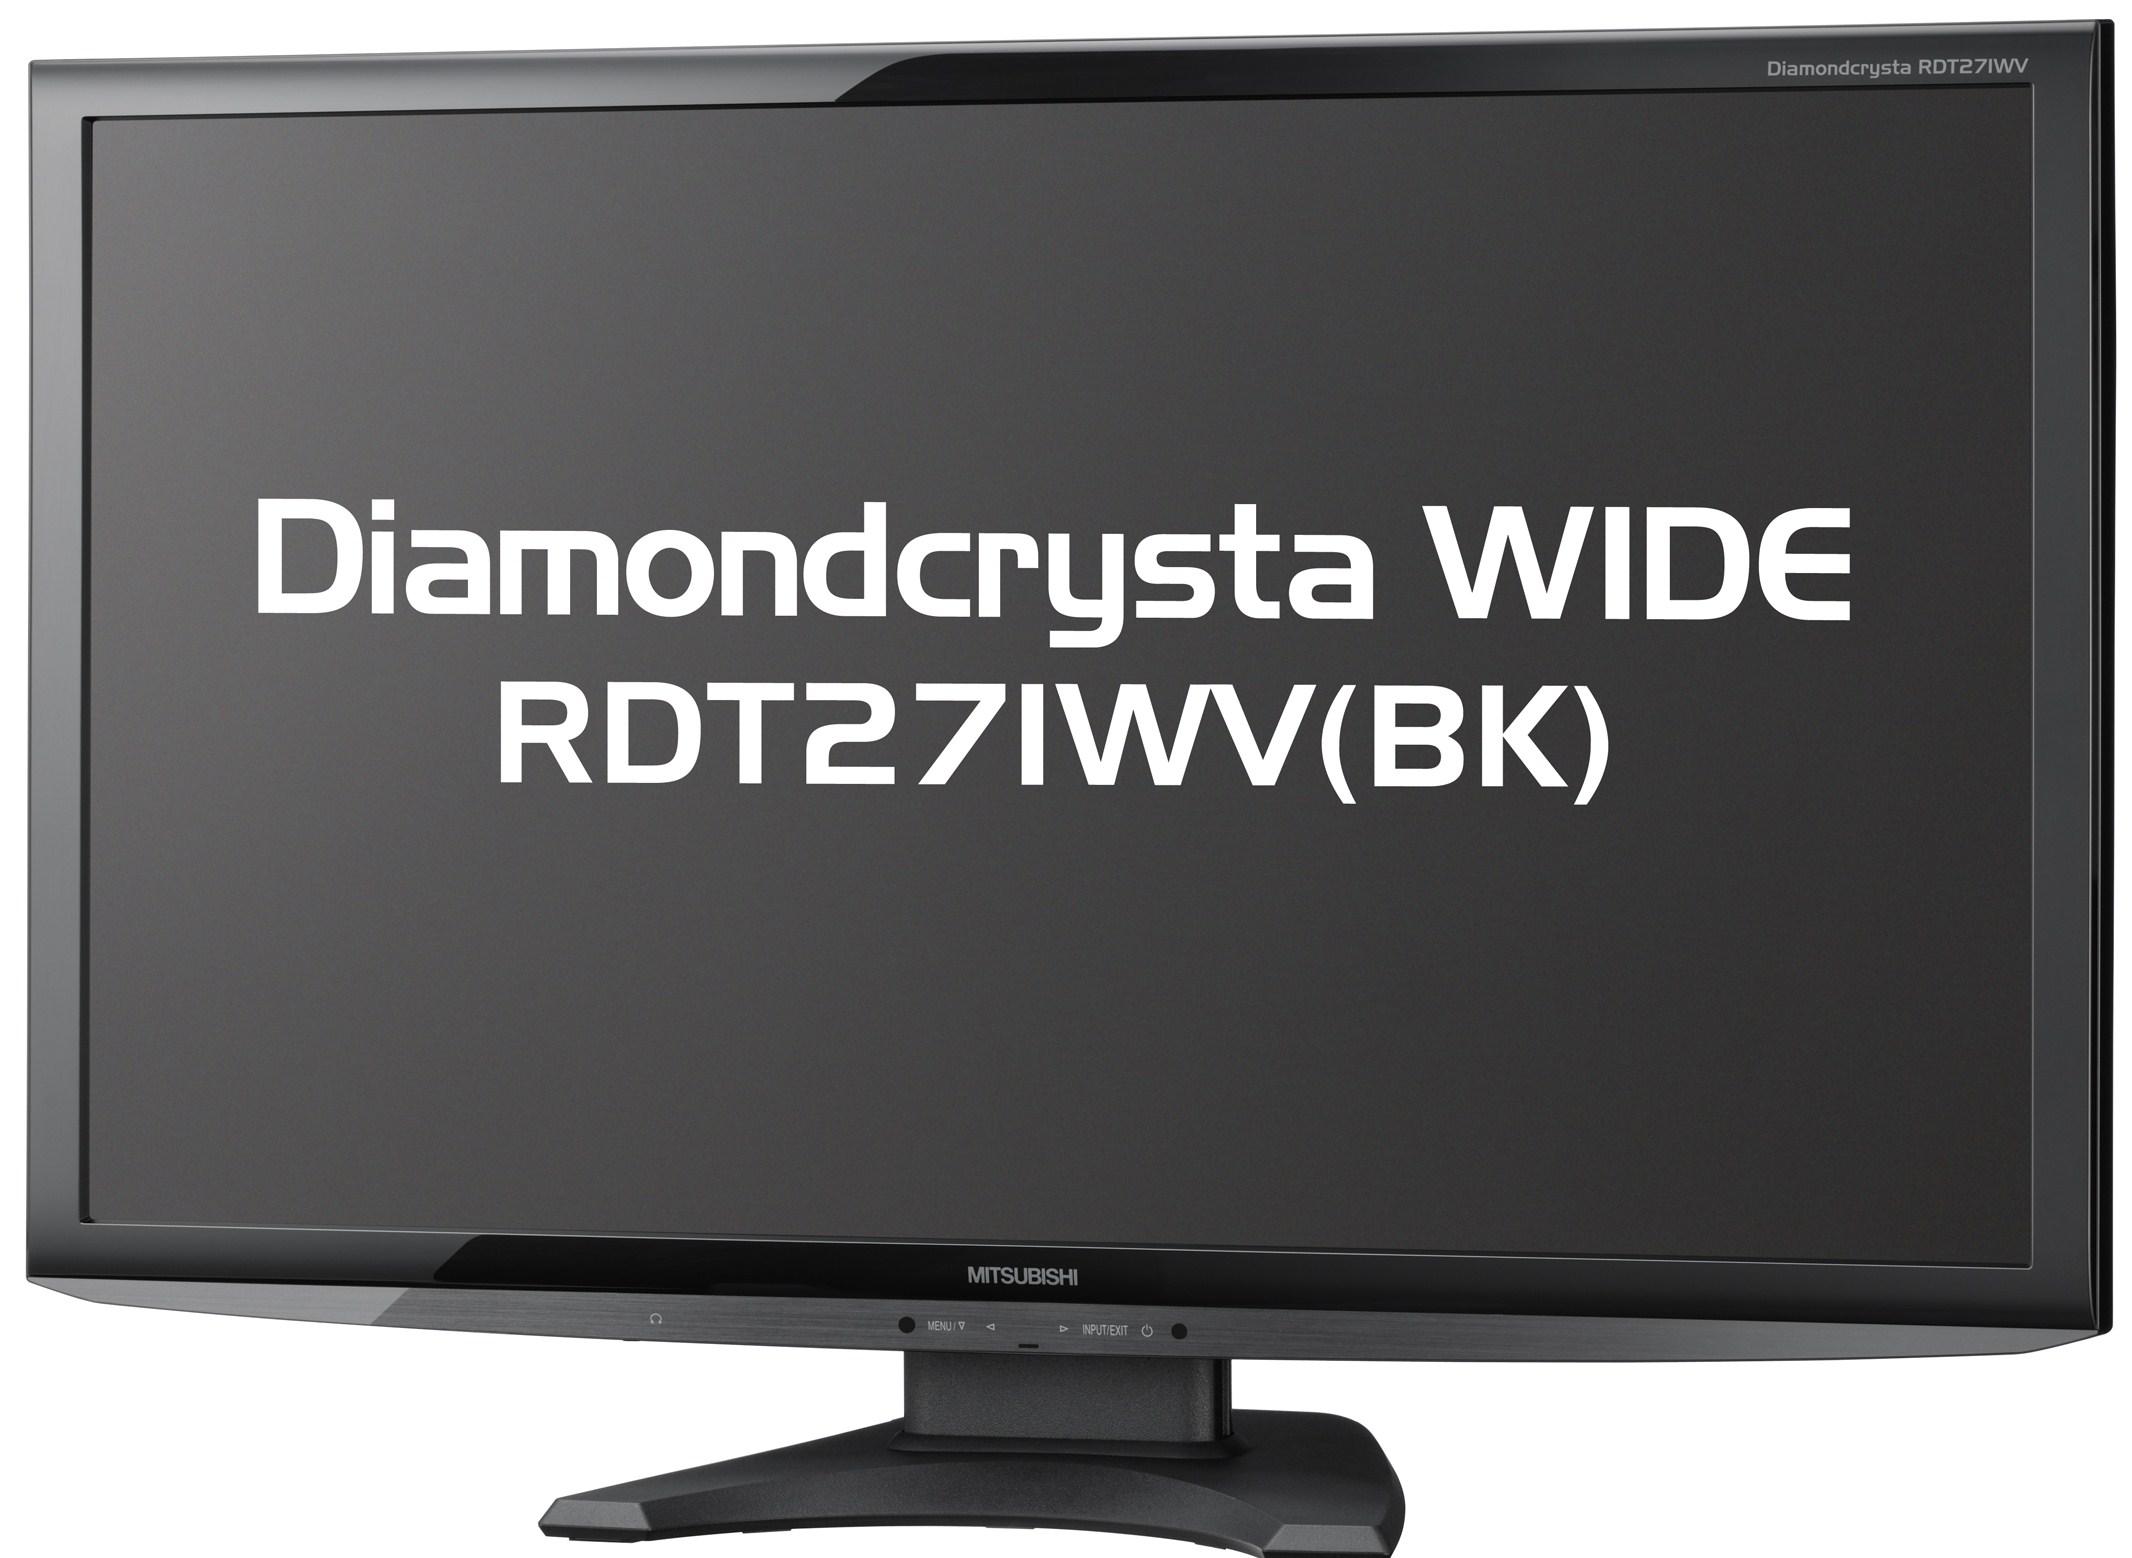 RDT271WV_%E3%83%95%E3%83%AA%E6%96%87%E5%AD%97%E3%82%A2%E3%83%AA.jpg